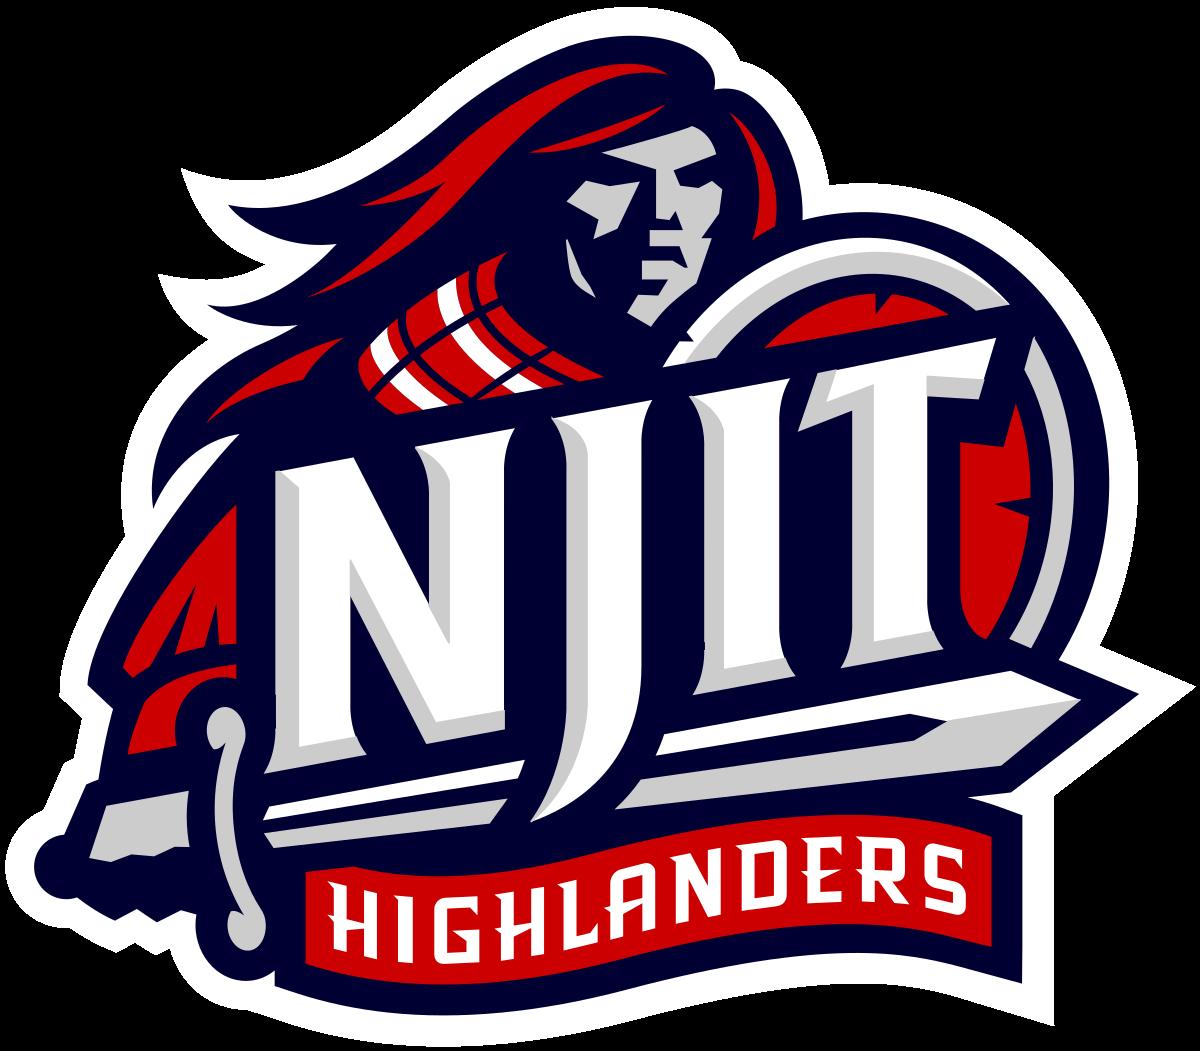 NJIT_Highlanders_logo.svg